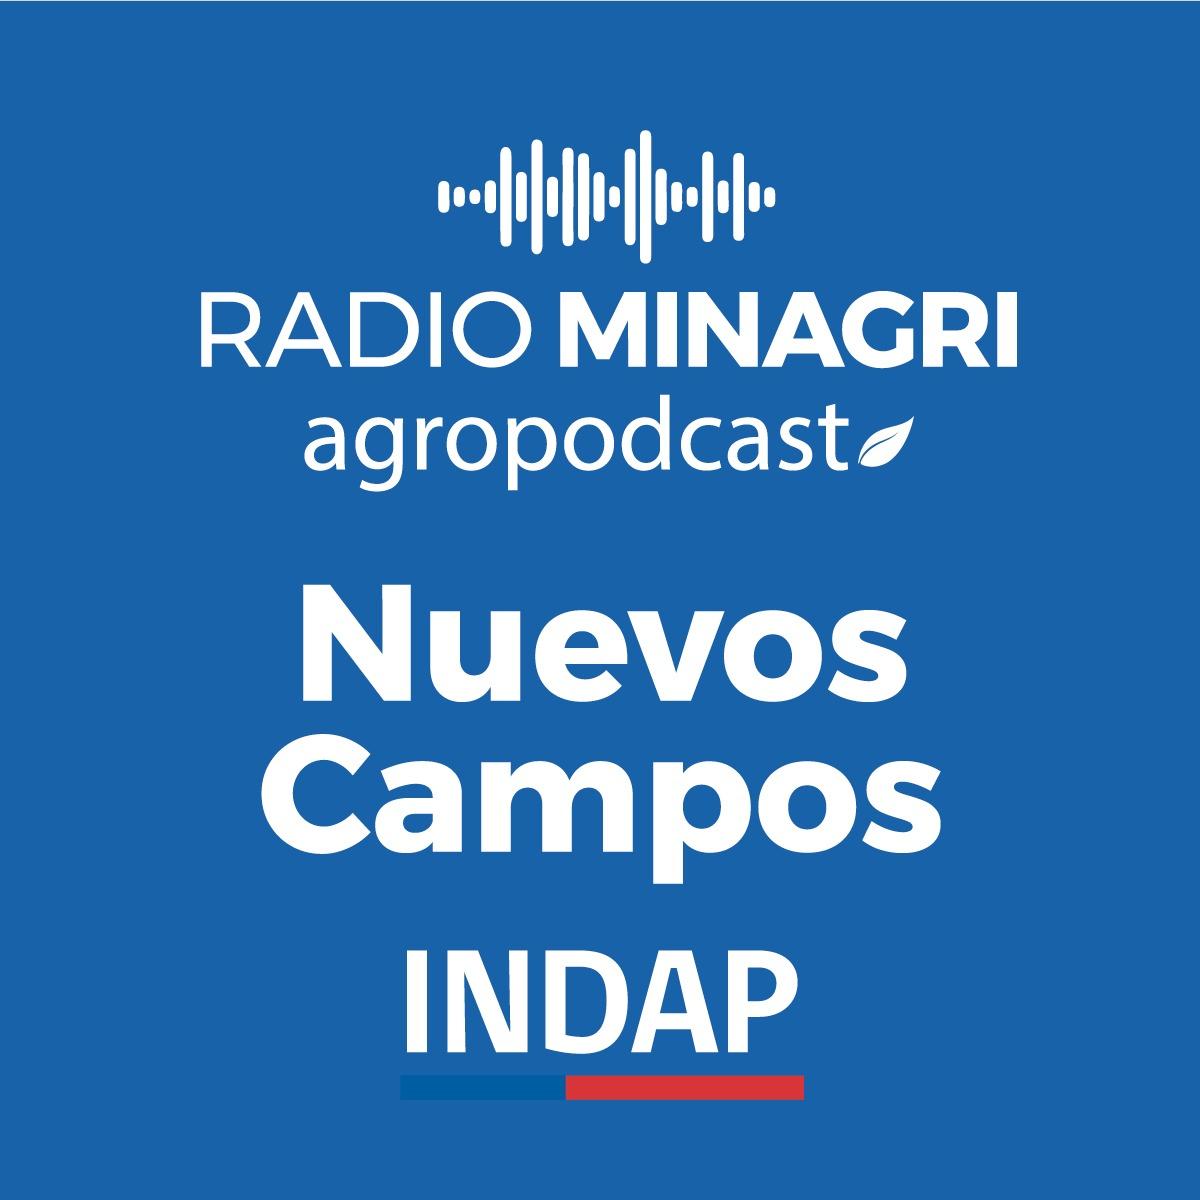 Nuevos campos – Episodio 25: Balance de INDAP 2020 y proyecciones 2021